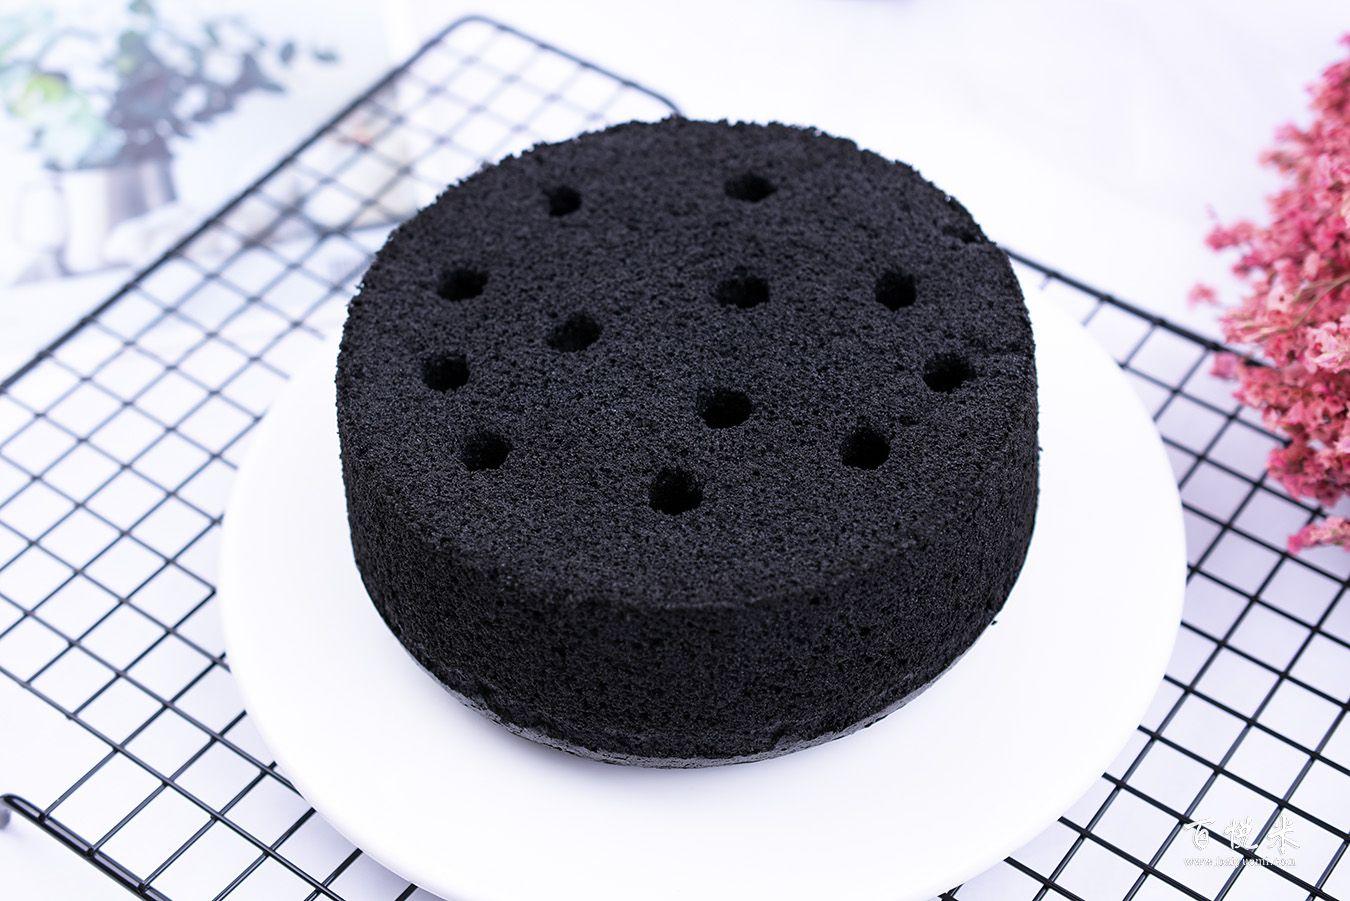 蜂窝煤球蛋糕高清图片大全【蛋糕图片】_1029